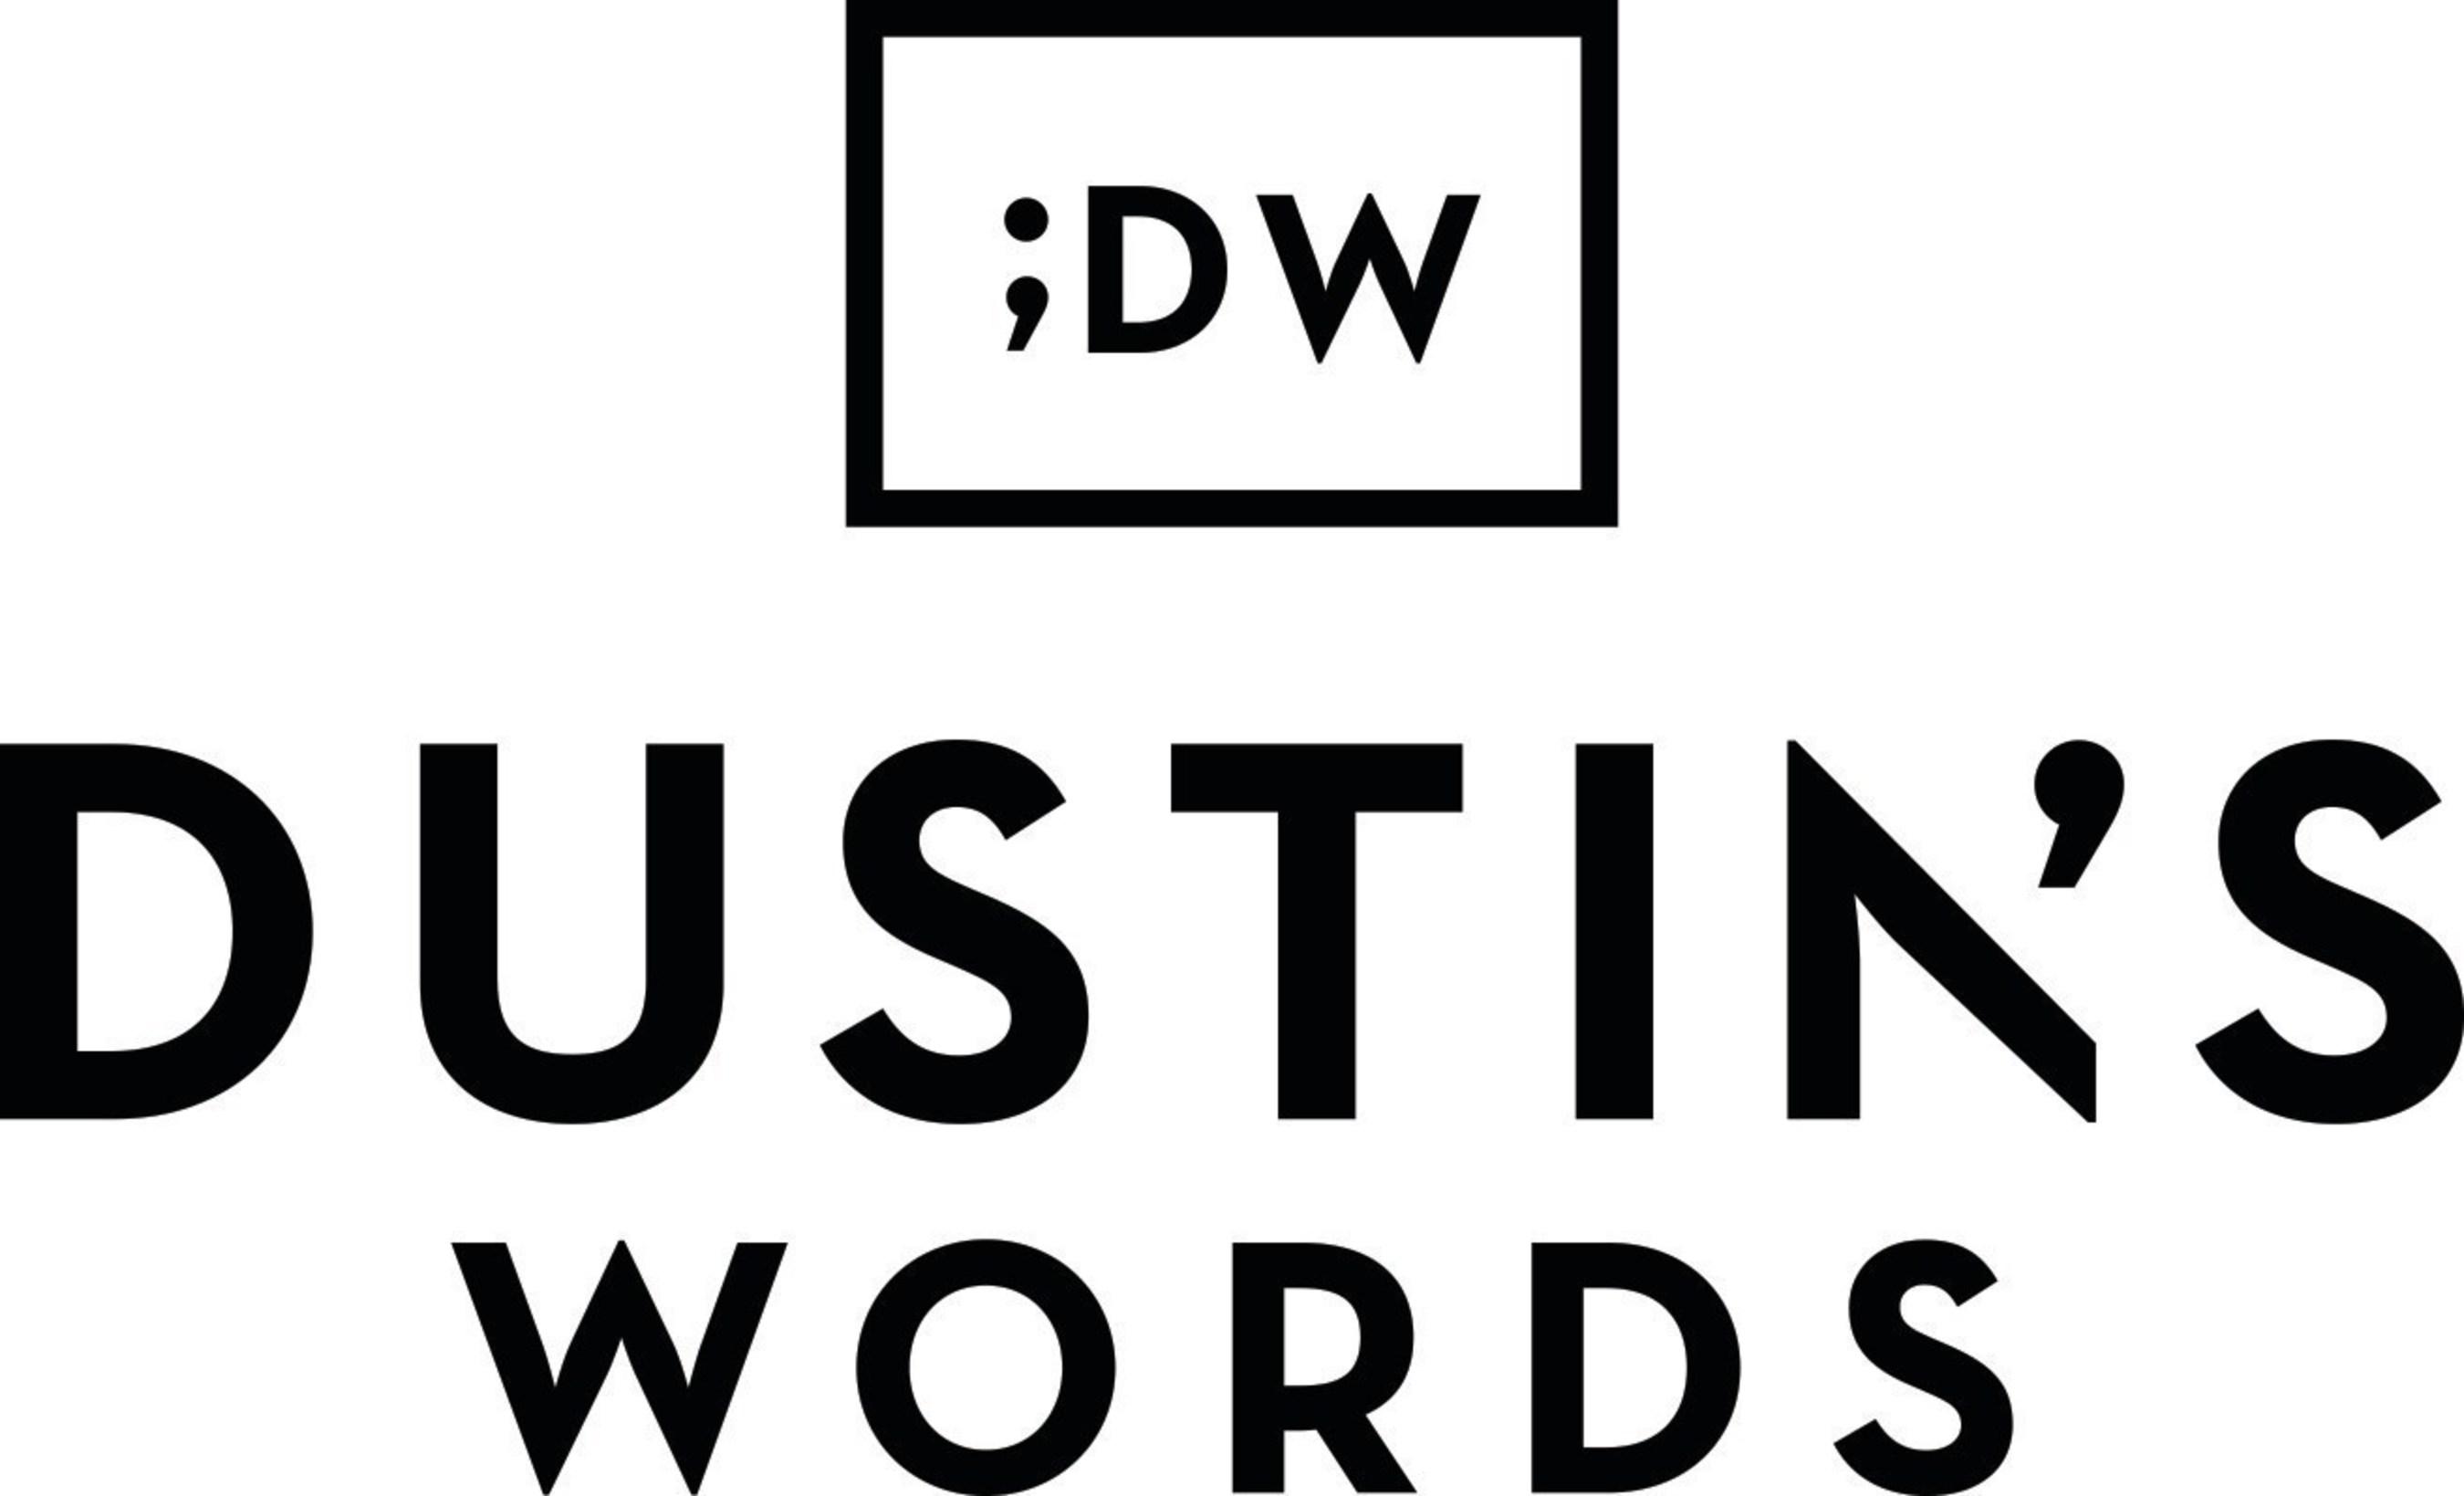 Dustin's Words